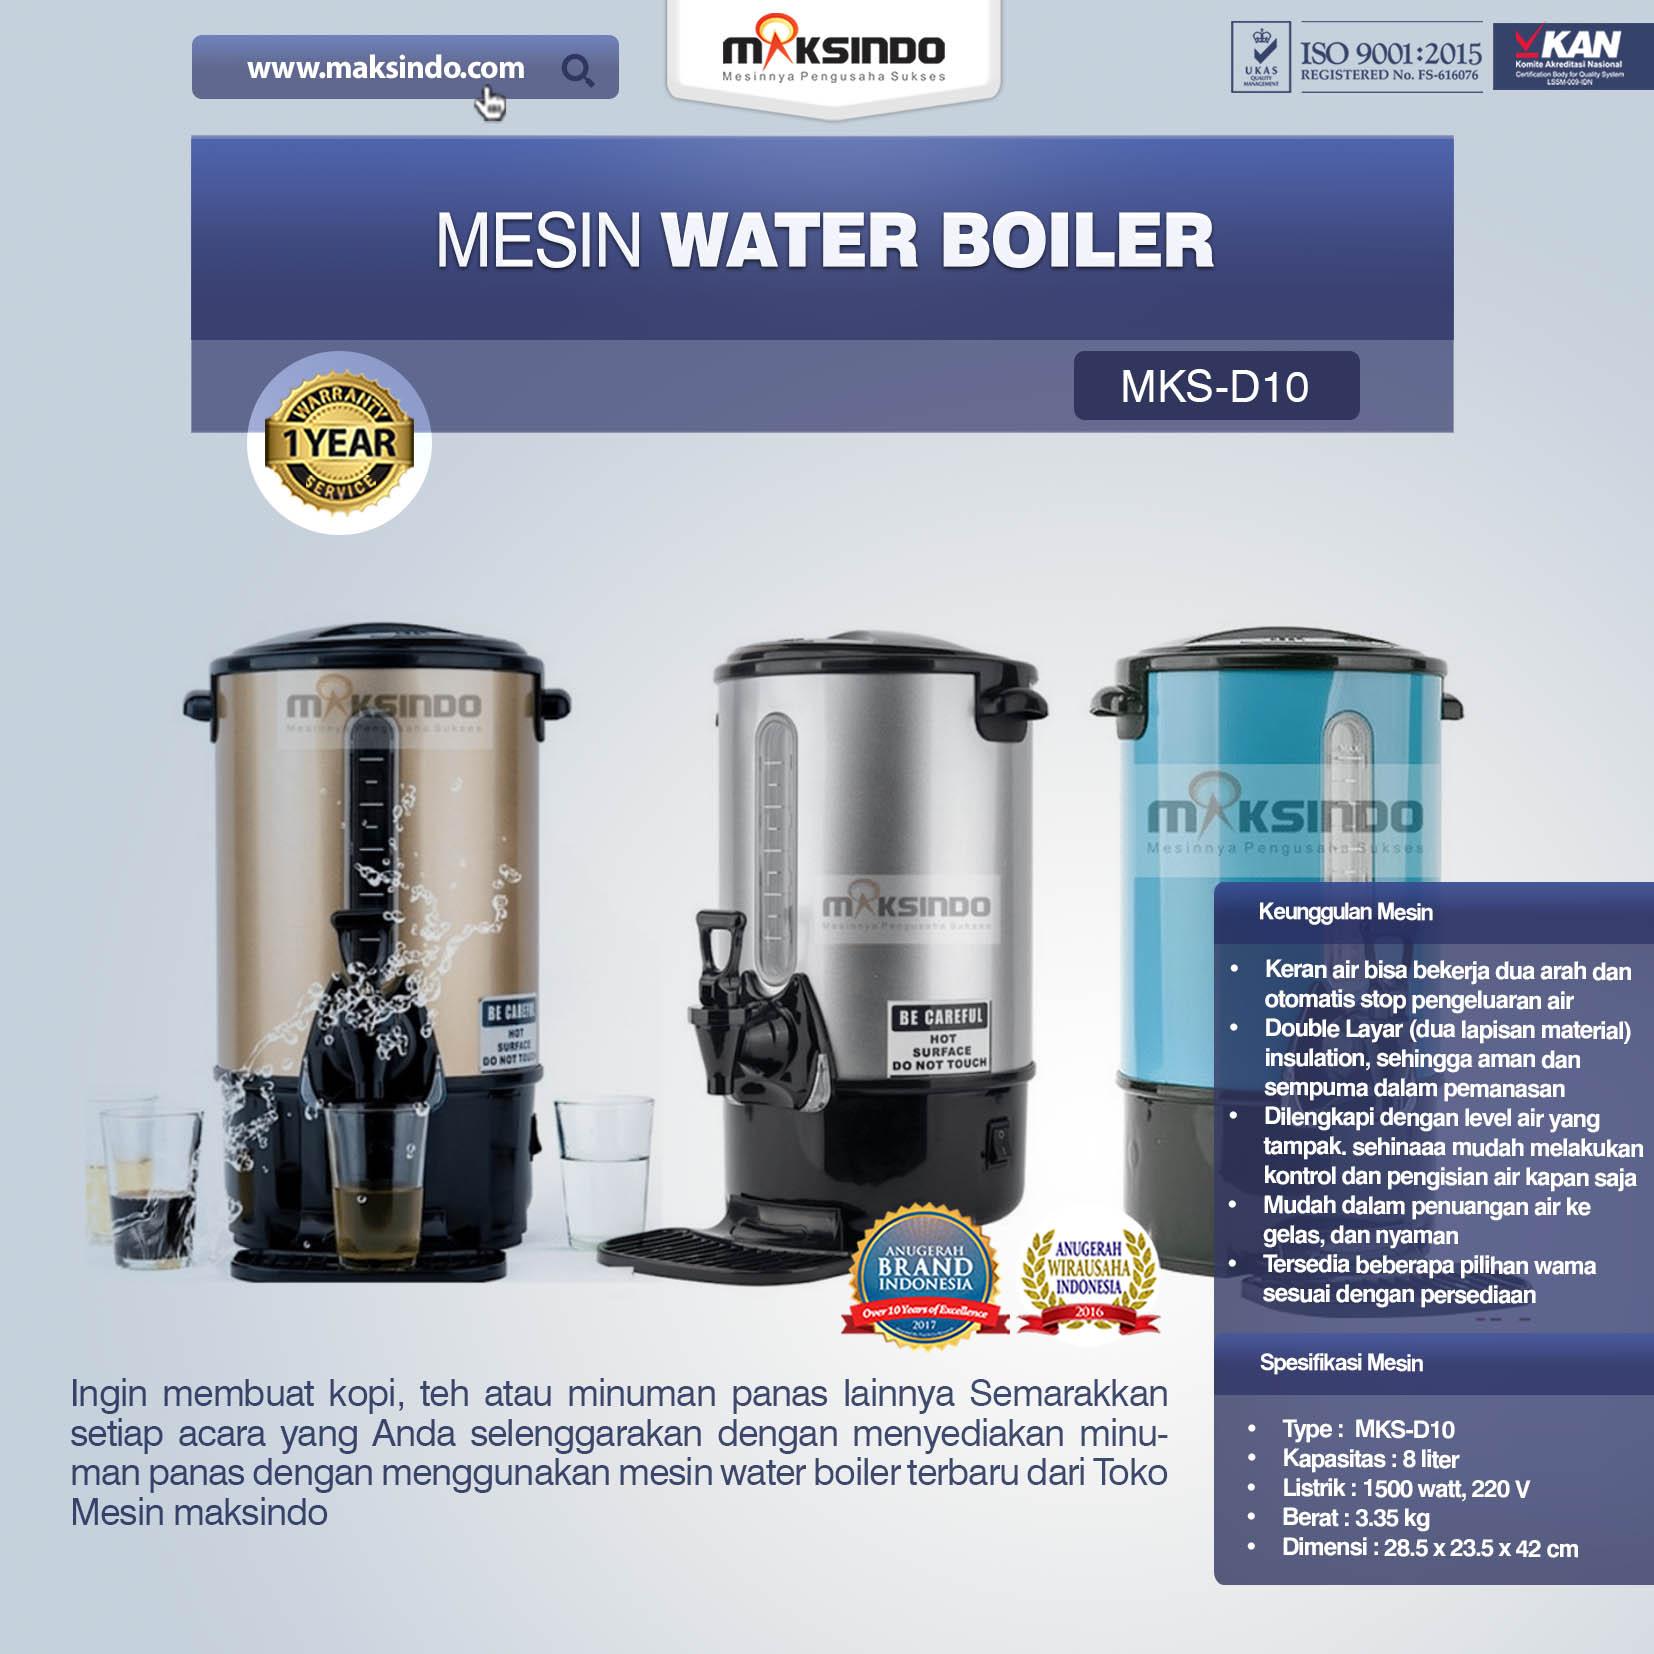 Jual Mesin Water Boiler New Model di Bandung